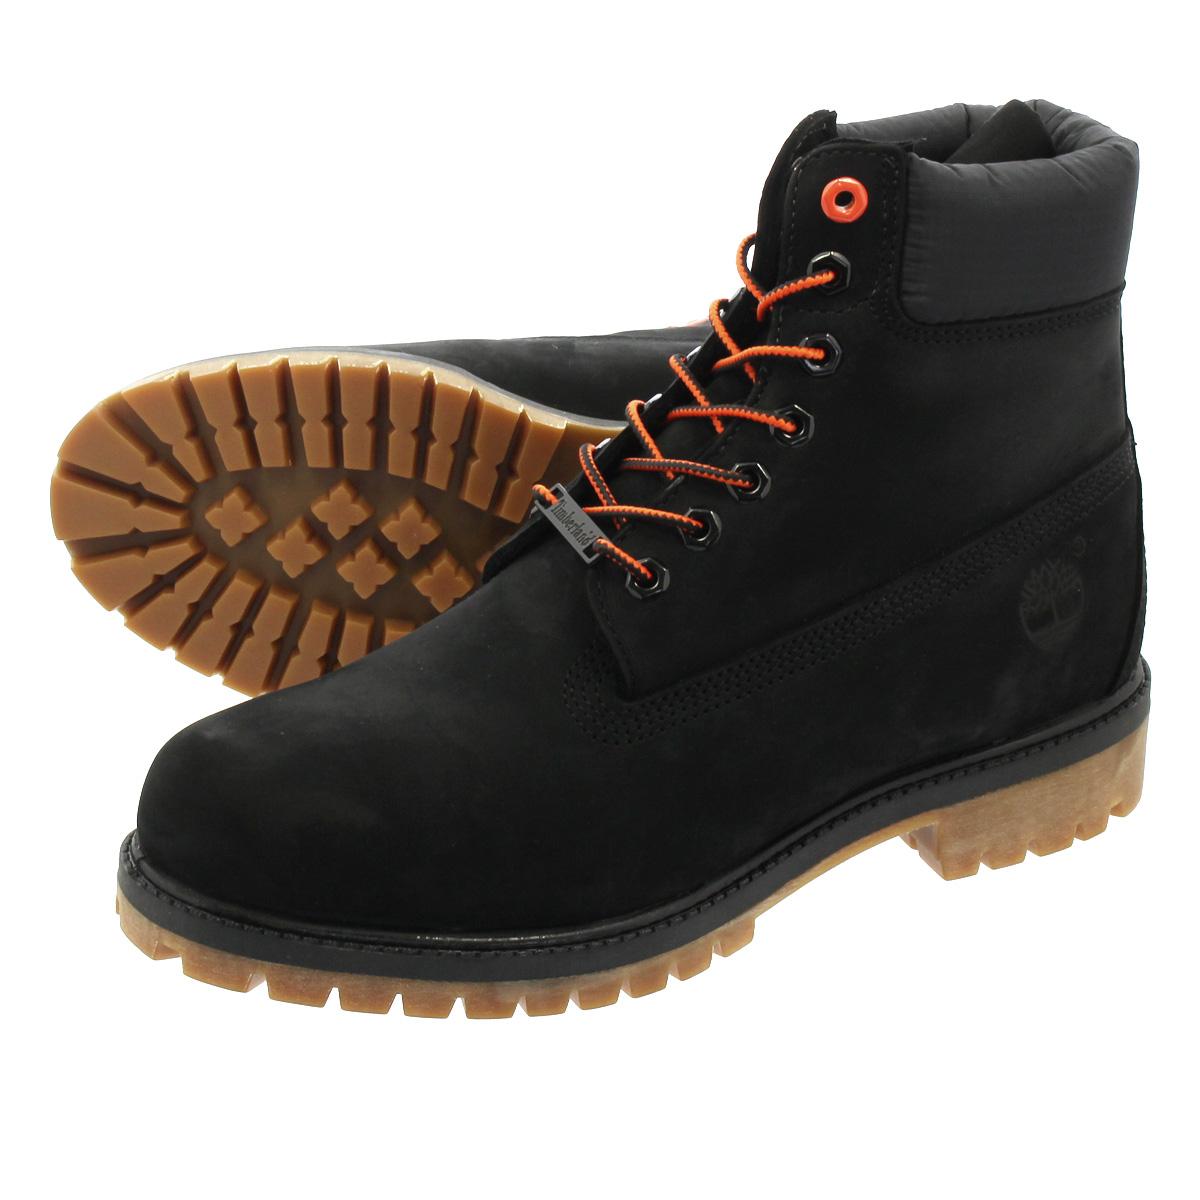 TIMBERLAND 6inch PREMIUM BOOTS ティンバーランド 6インチ プレミアム ブーツ BLACK NUBACK a1u7m